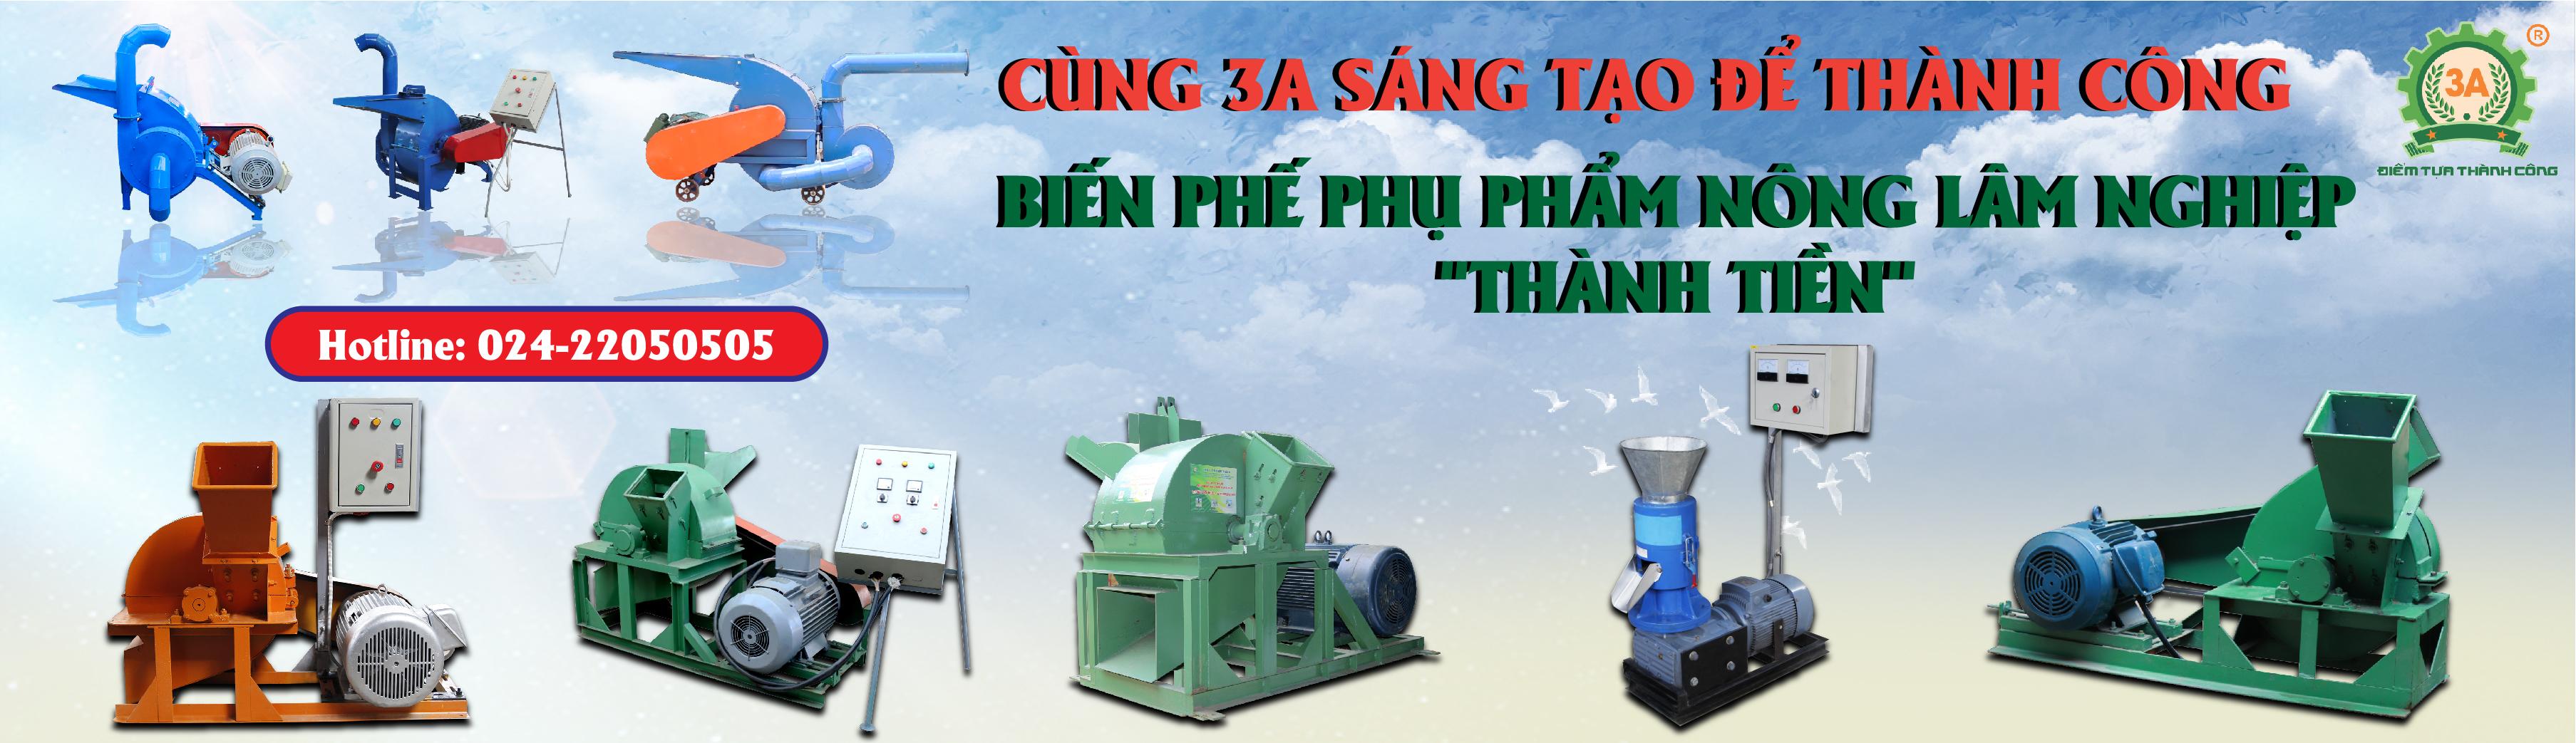 Banner máy nông nghiệp 3A (03)